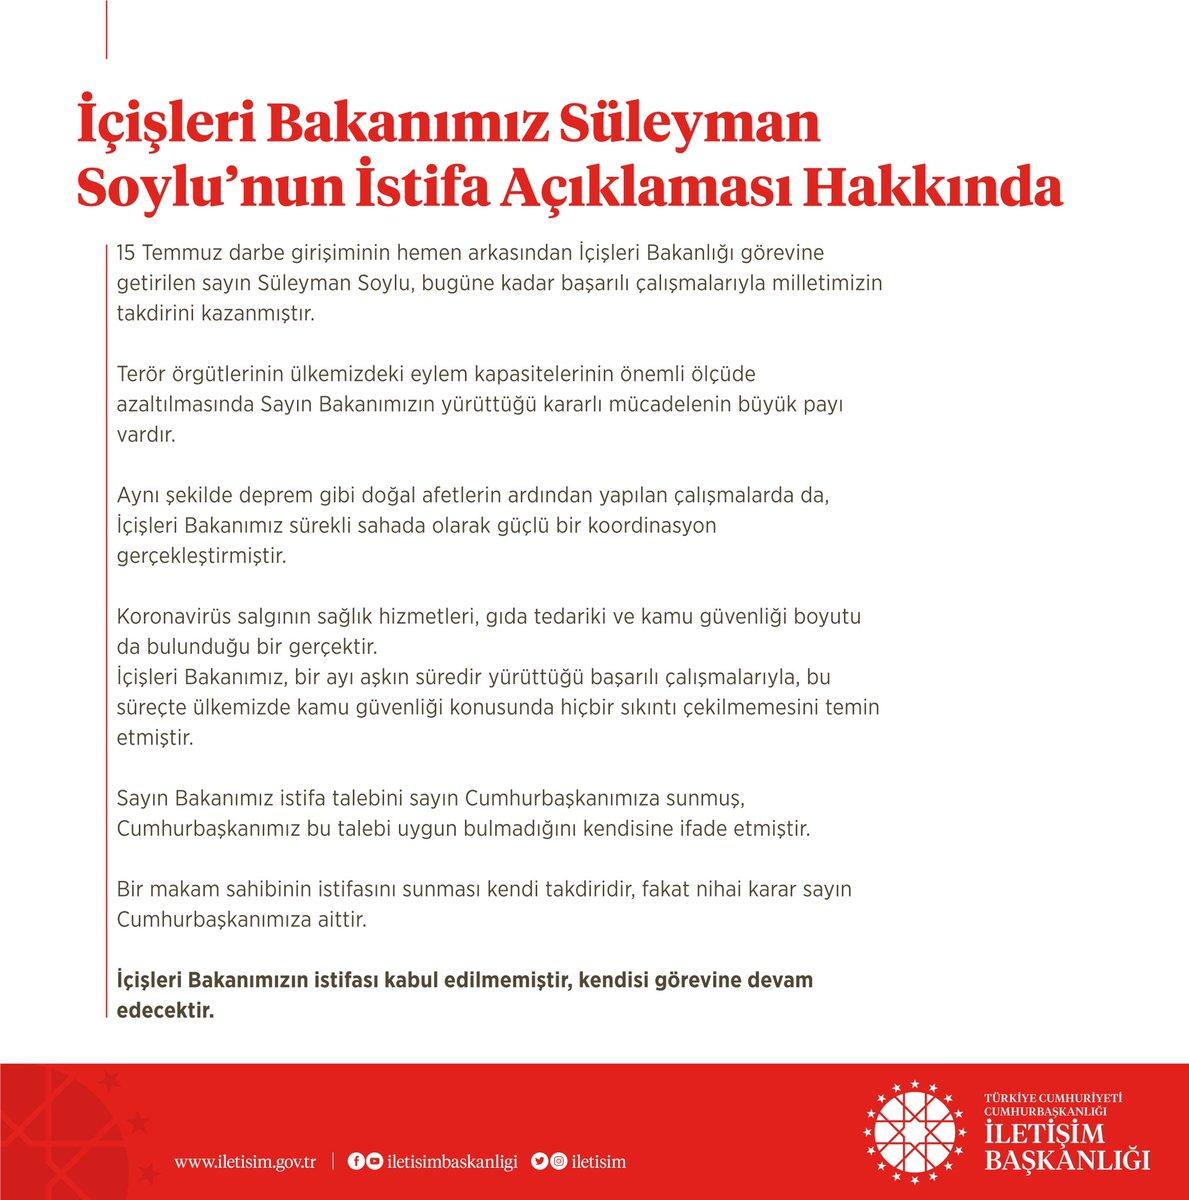 """T.C. İletişim Başkanlığı on Twitter: """"İçişleri Bakanımız Süleyman ..."""